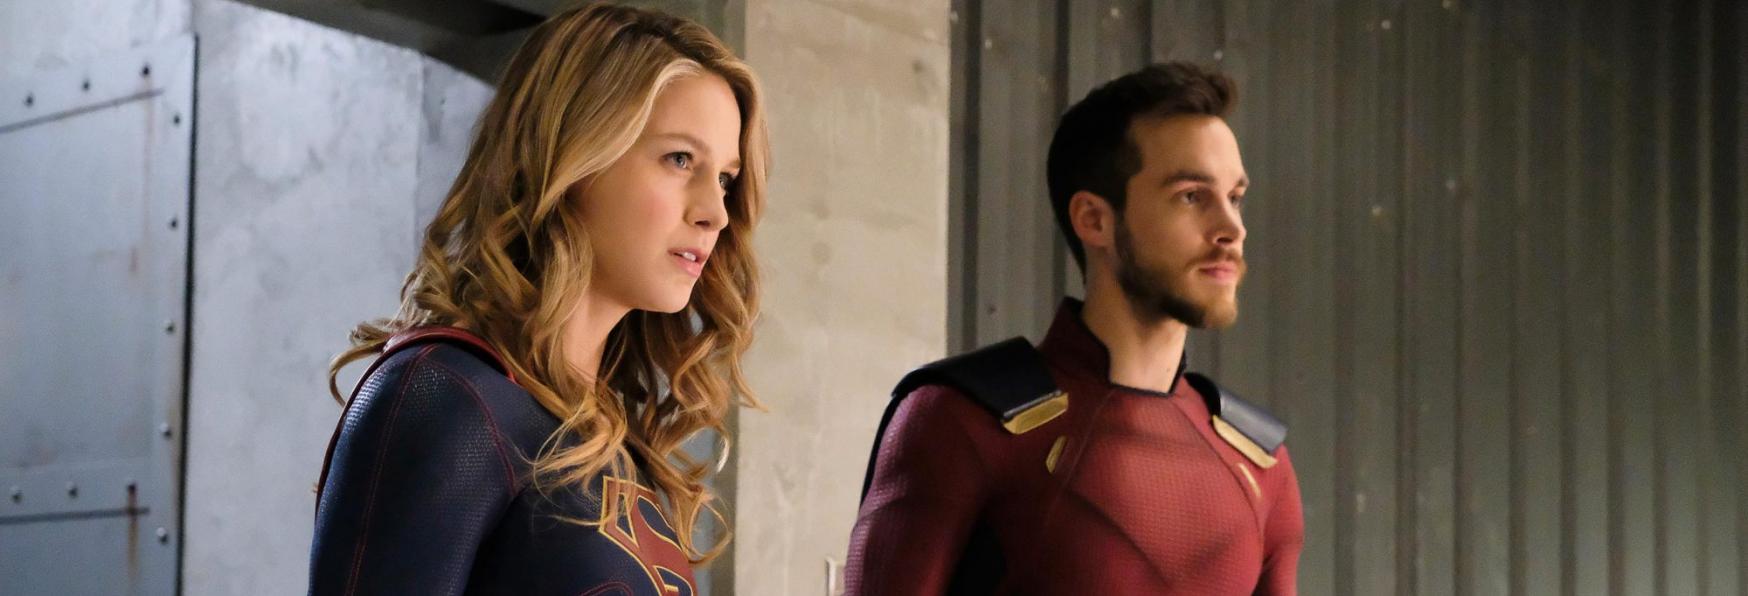 Supergirl 6: il Regista parla della Possibilità di un Ritorno di Mon-El